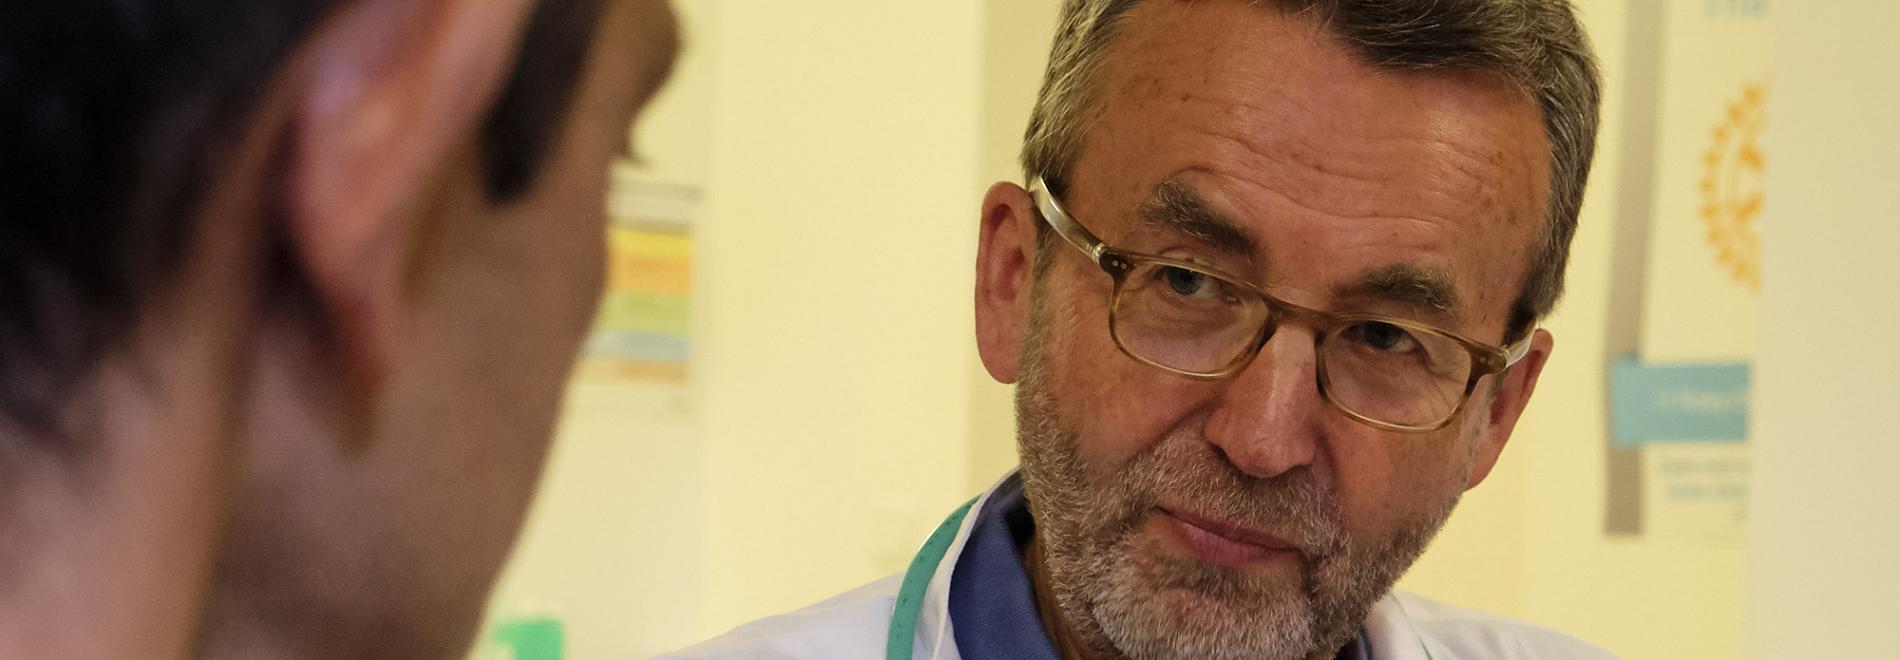 Gesundheitsreport 2019 Ärzte der Welt. Foto: Peter Groth